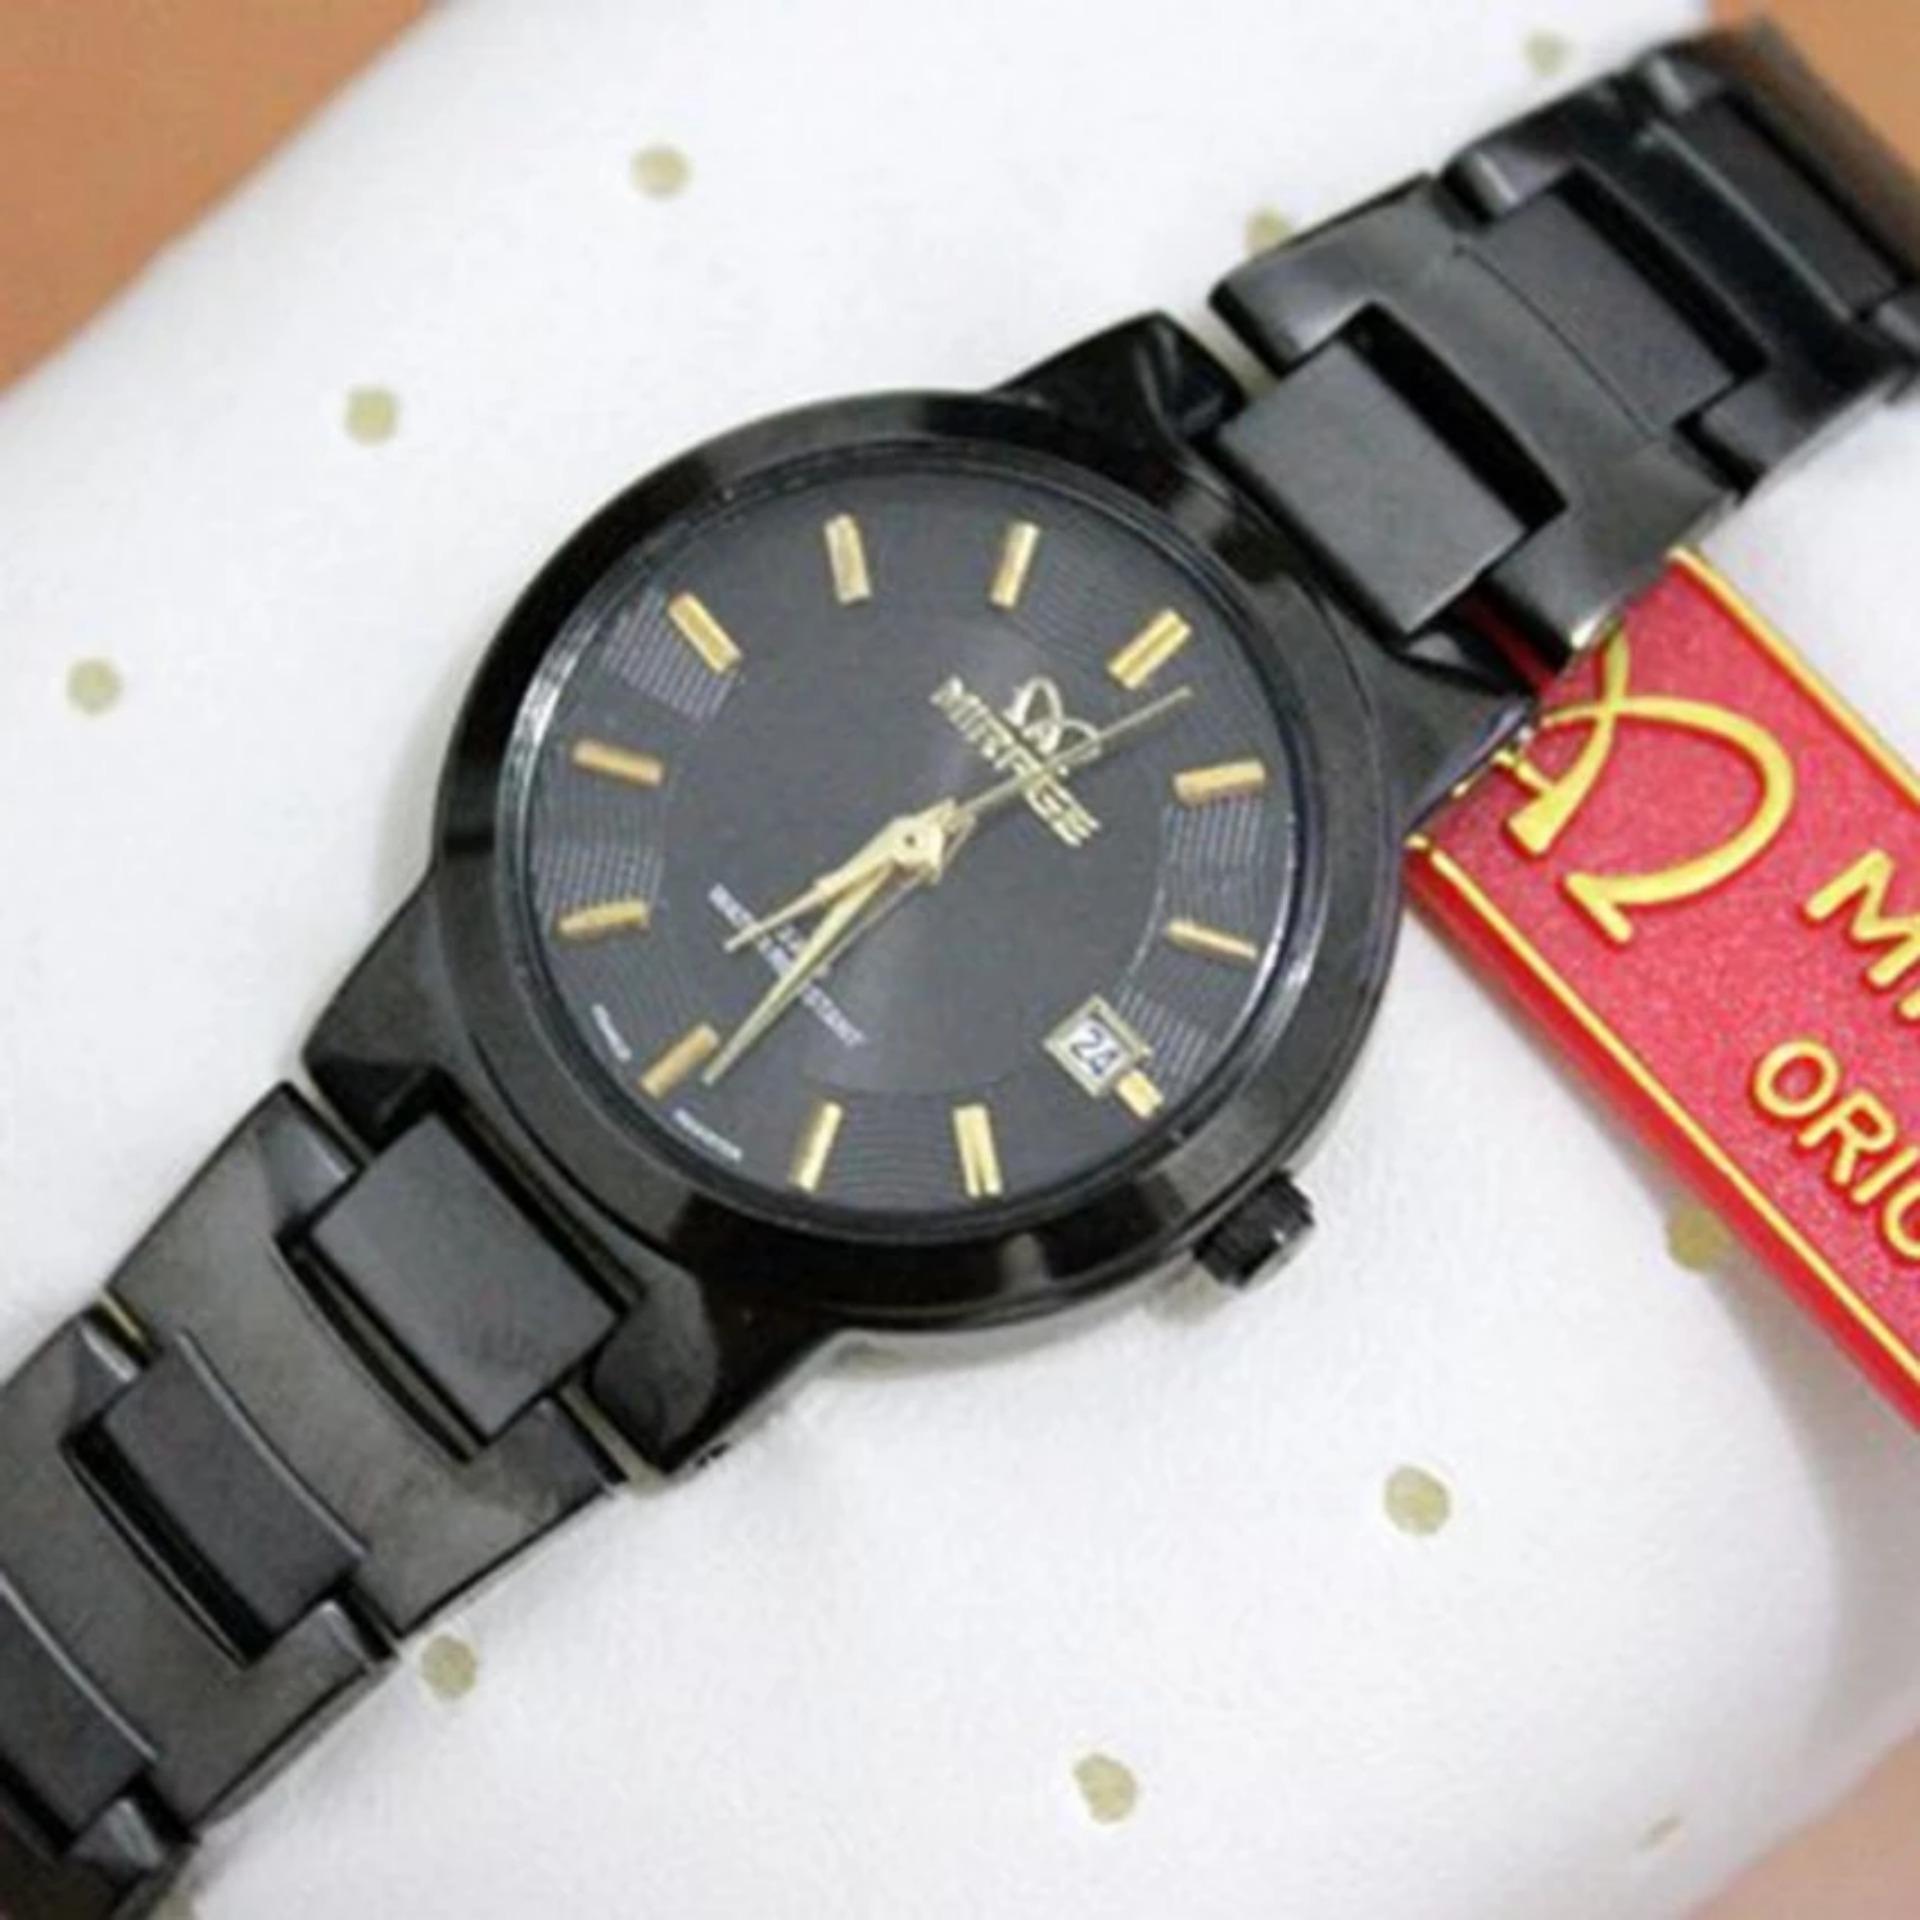 Cari Bandingkan Jam Tangan Pria Original Mirage Mr649 Strap Rantai